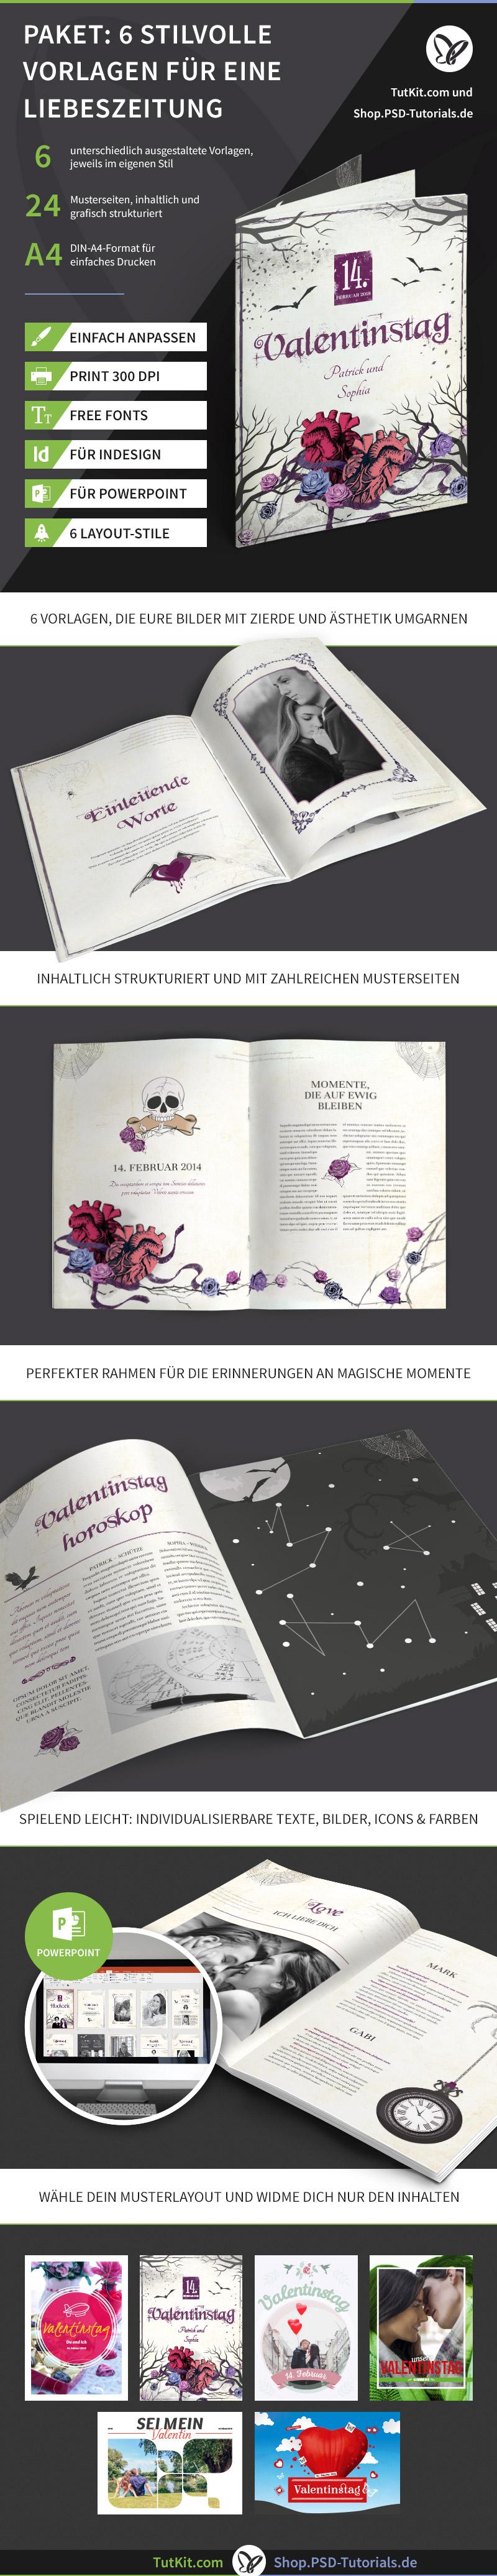 Überblick über das Set mit Vorlagen für Hochzeitszeitungen - Version 2